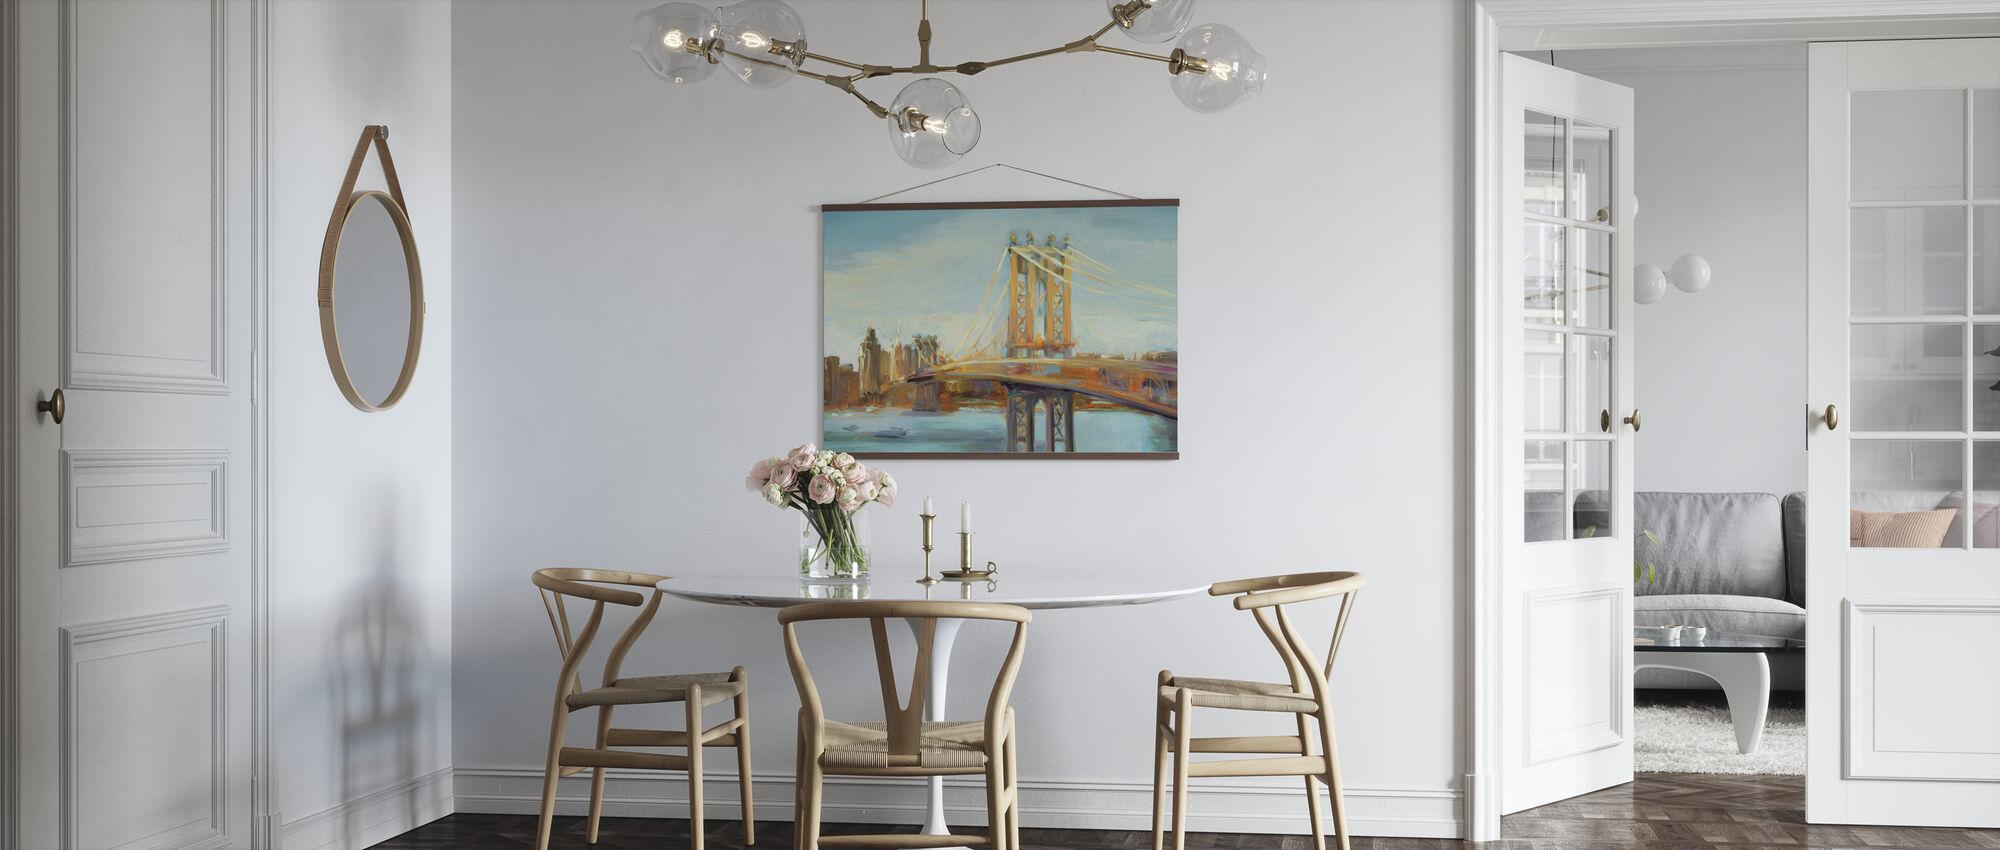 Sunny Manhattan Bridge - Poster - Kitchen